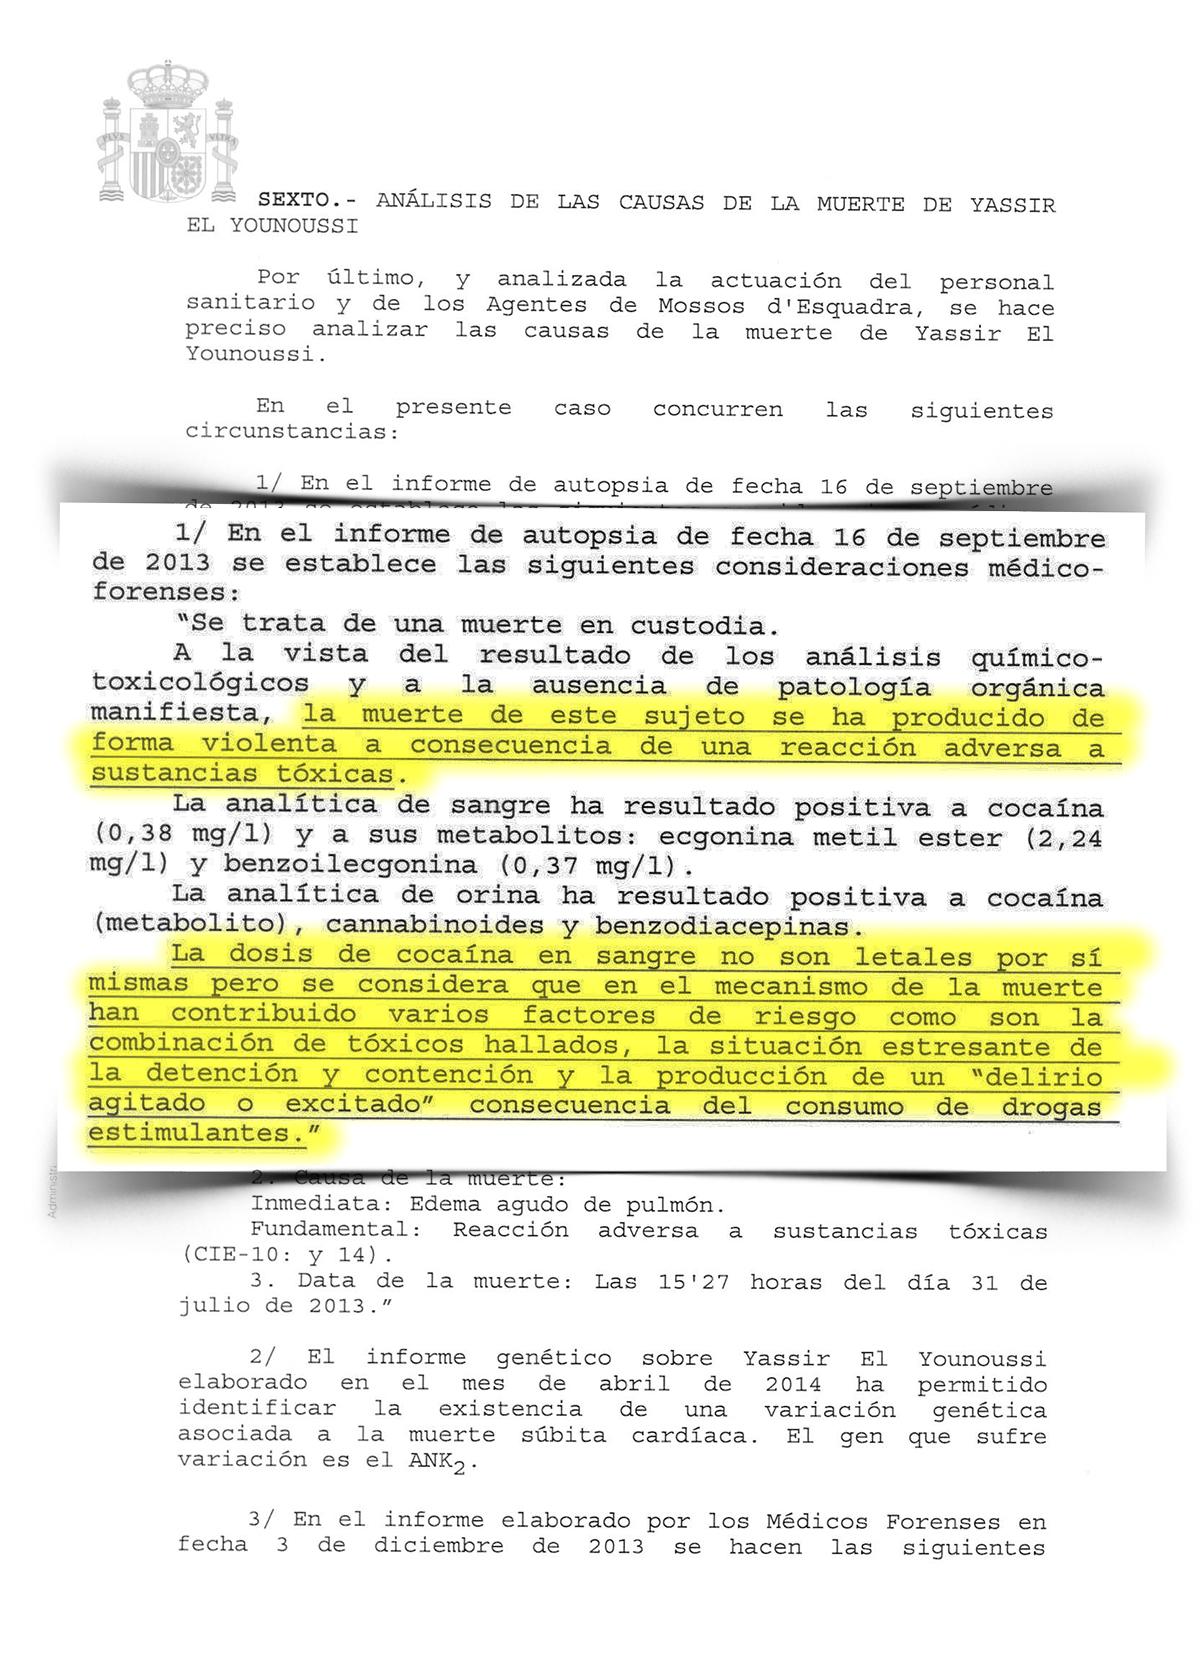 """L'informe destaca la """"situació estressant de la detenció"""" de Yassir com a una de les causes de la mort / CRÍTIC"""